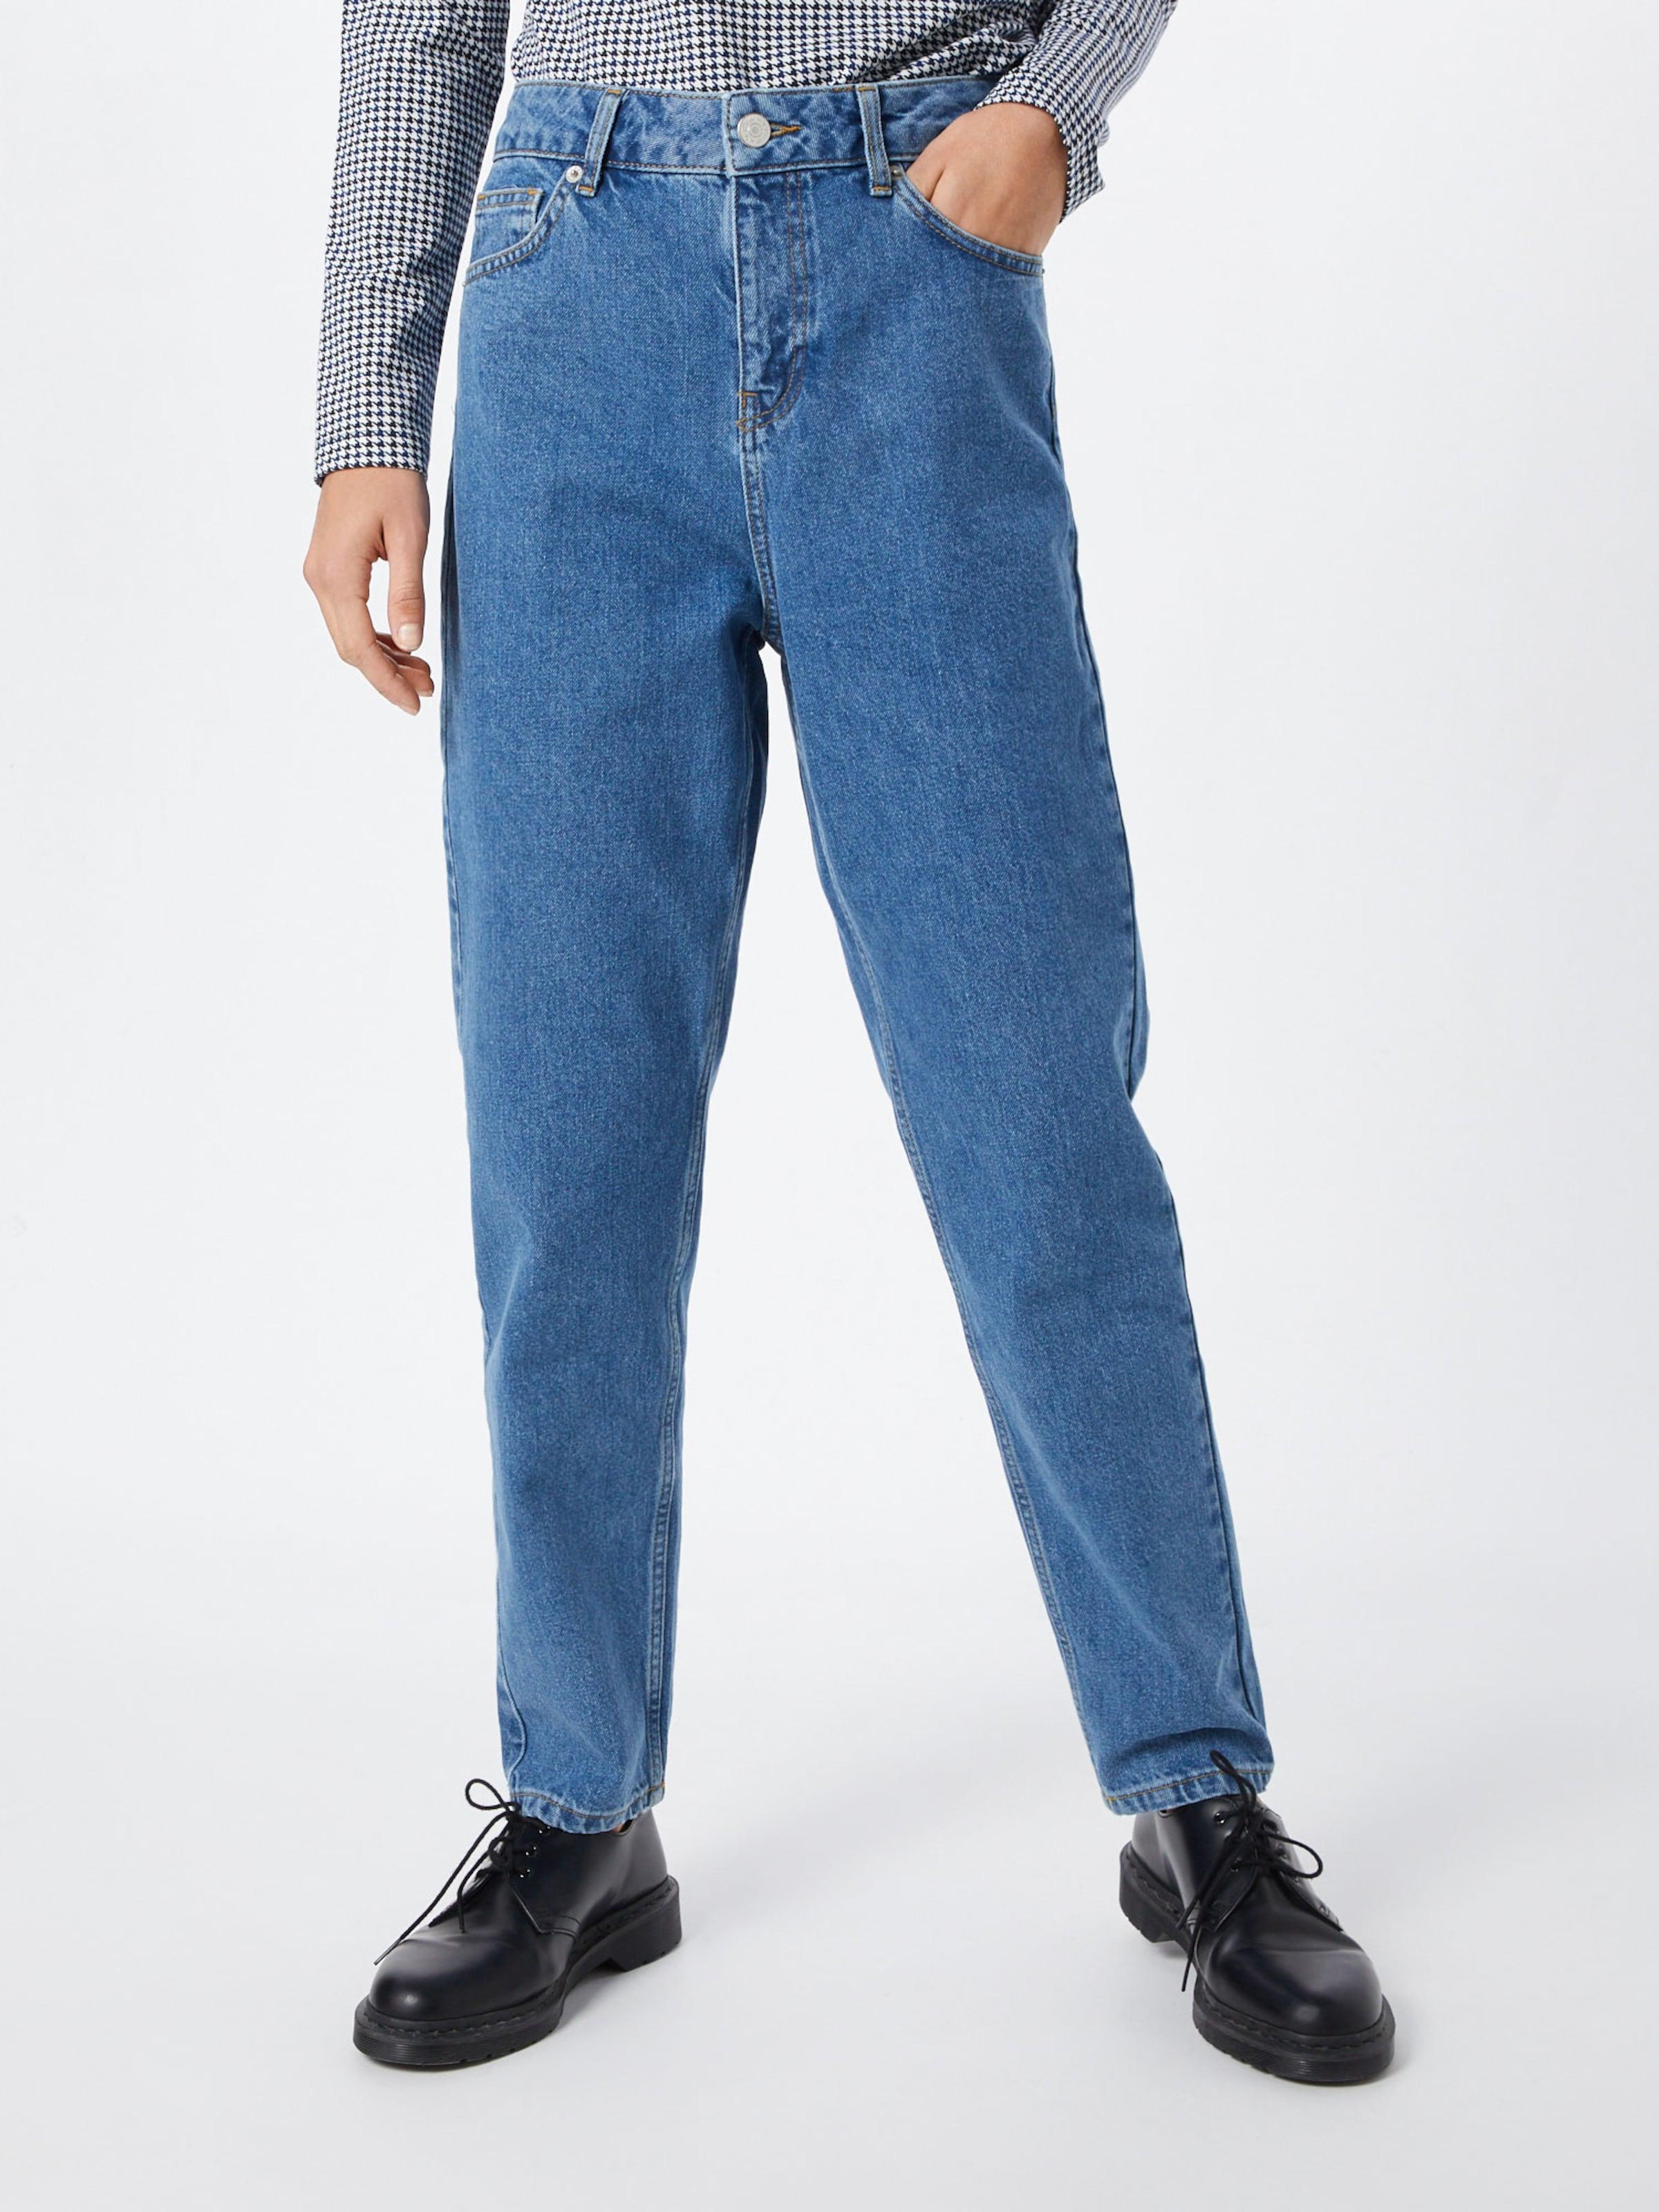 achten Sie auf gut kaufen Outlet-Store Blue Jeans 'dana' Denim In Why7 F1cJTlK